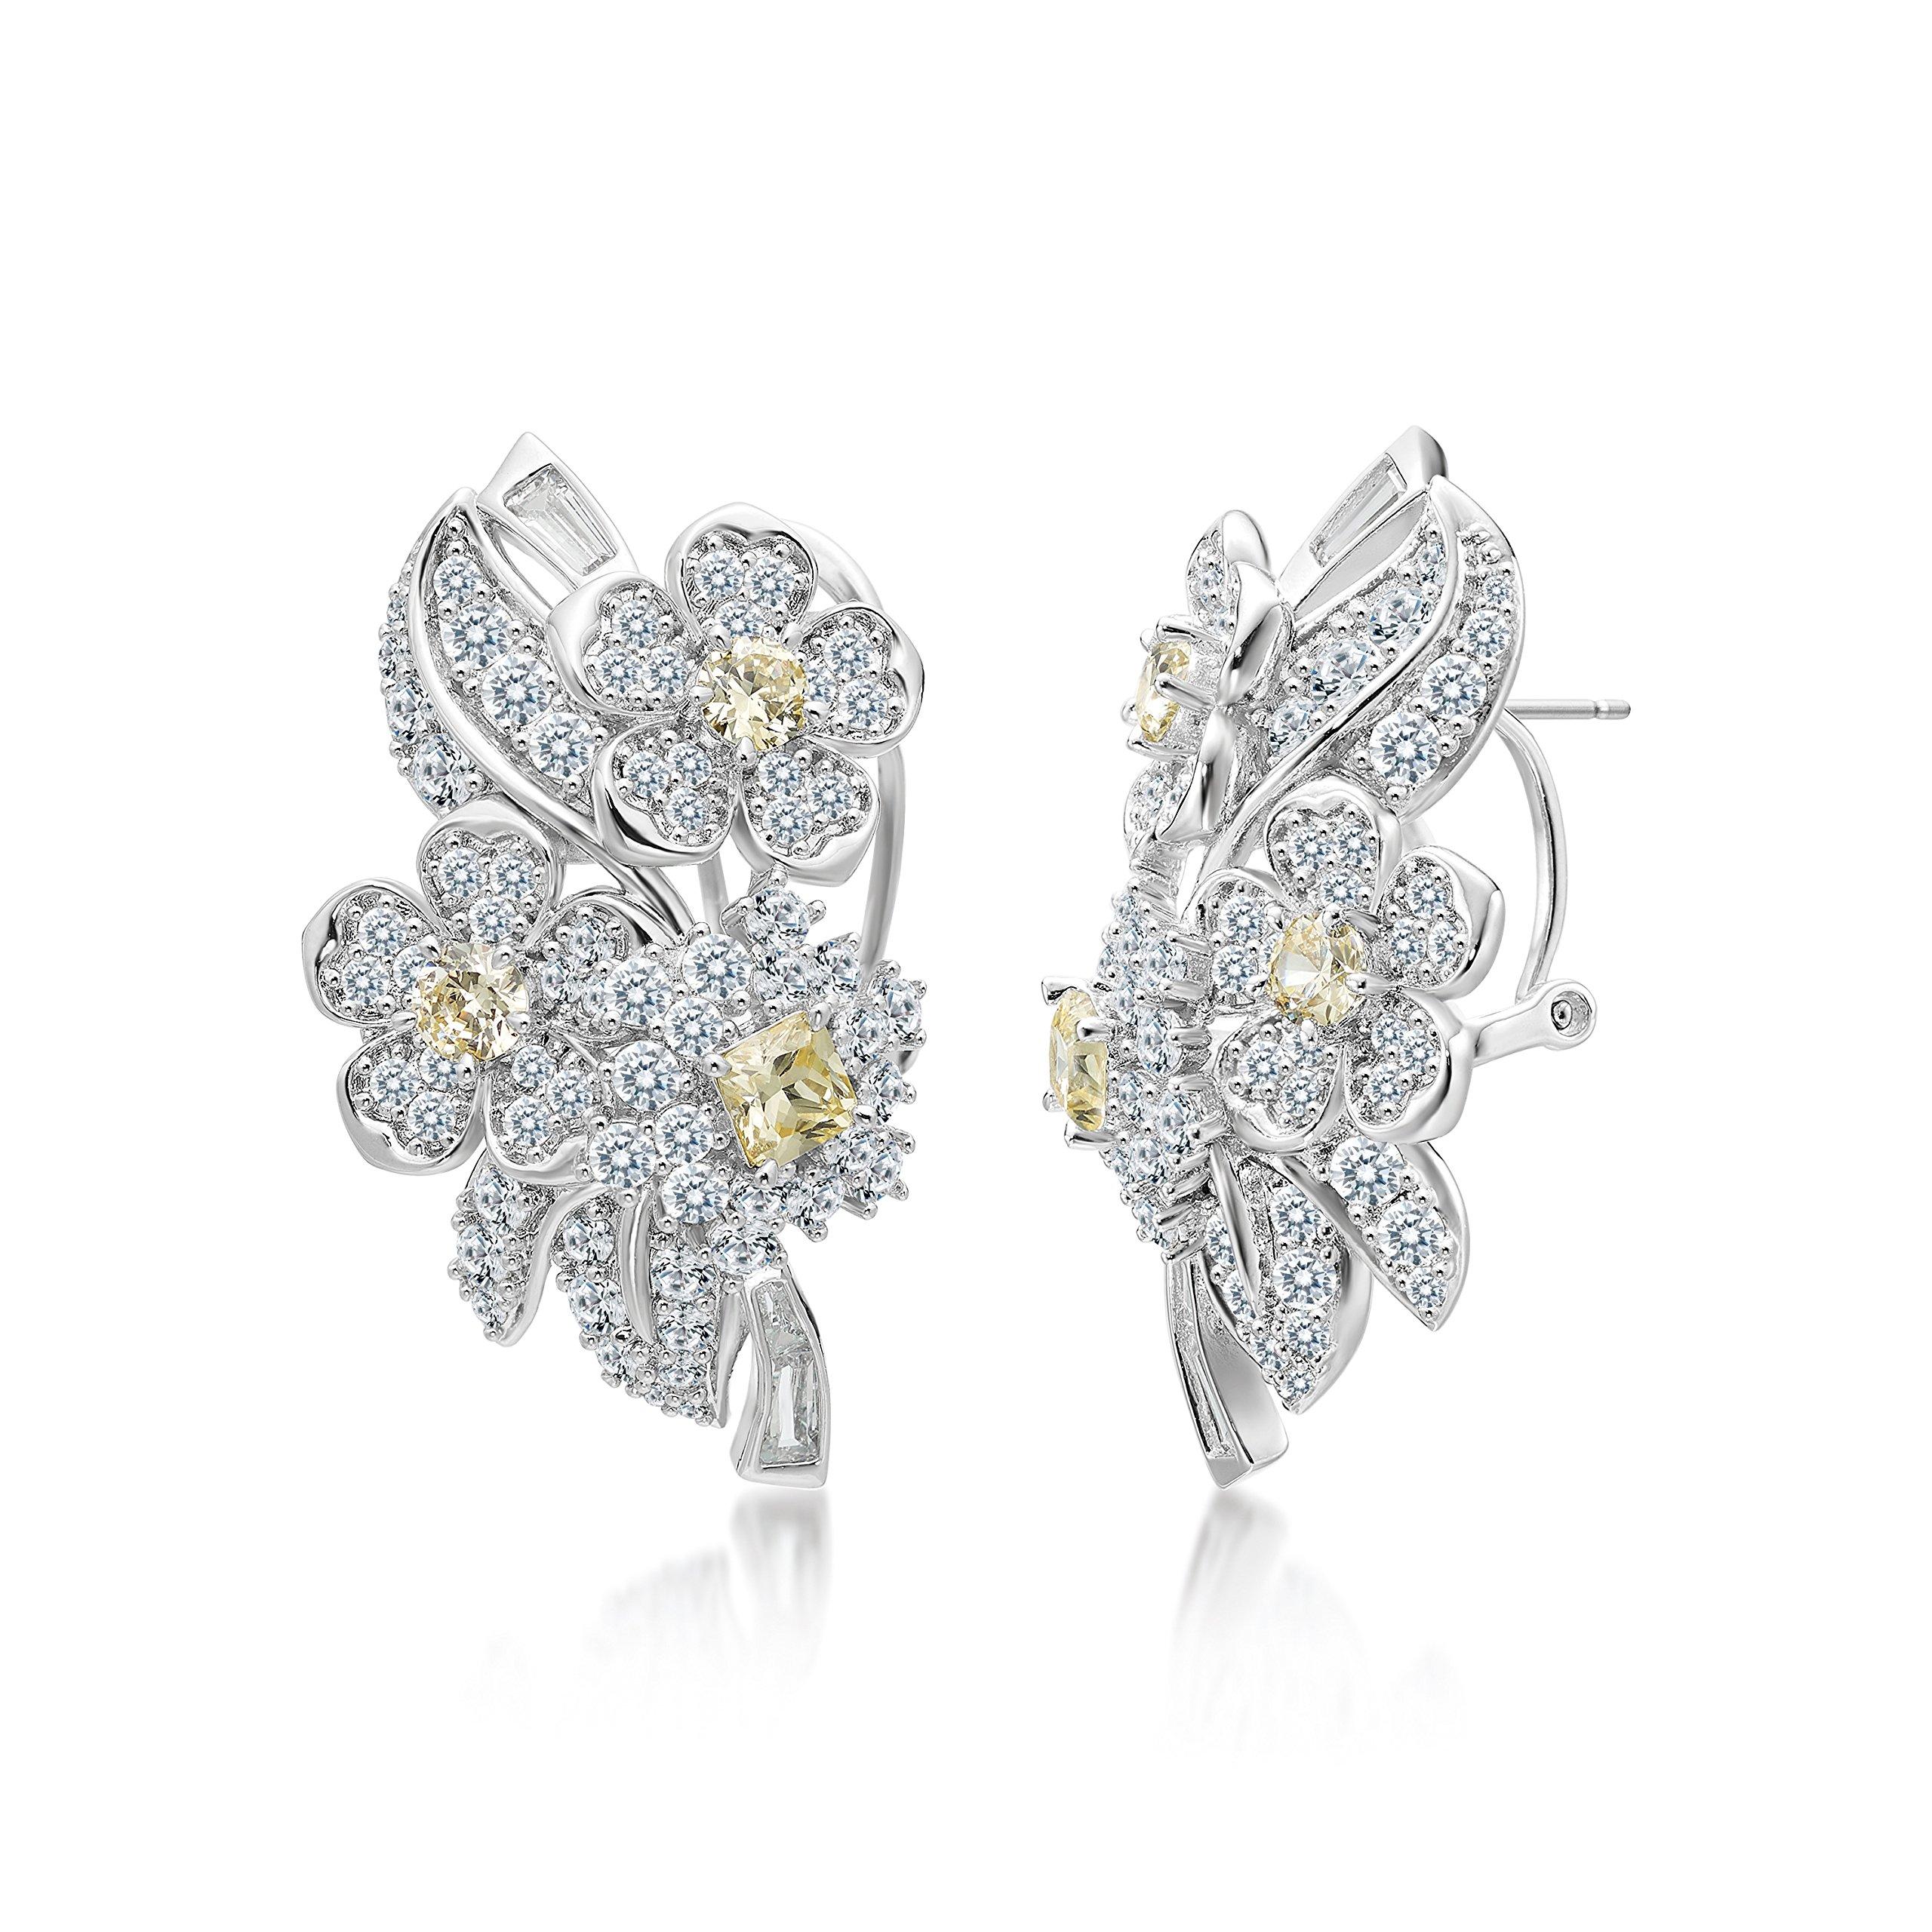 MIYUMIRO Women's Gardens of Downton Abbey Earrings